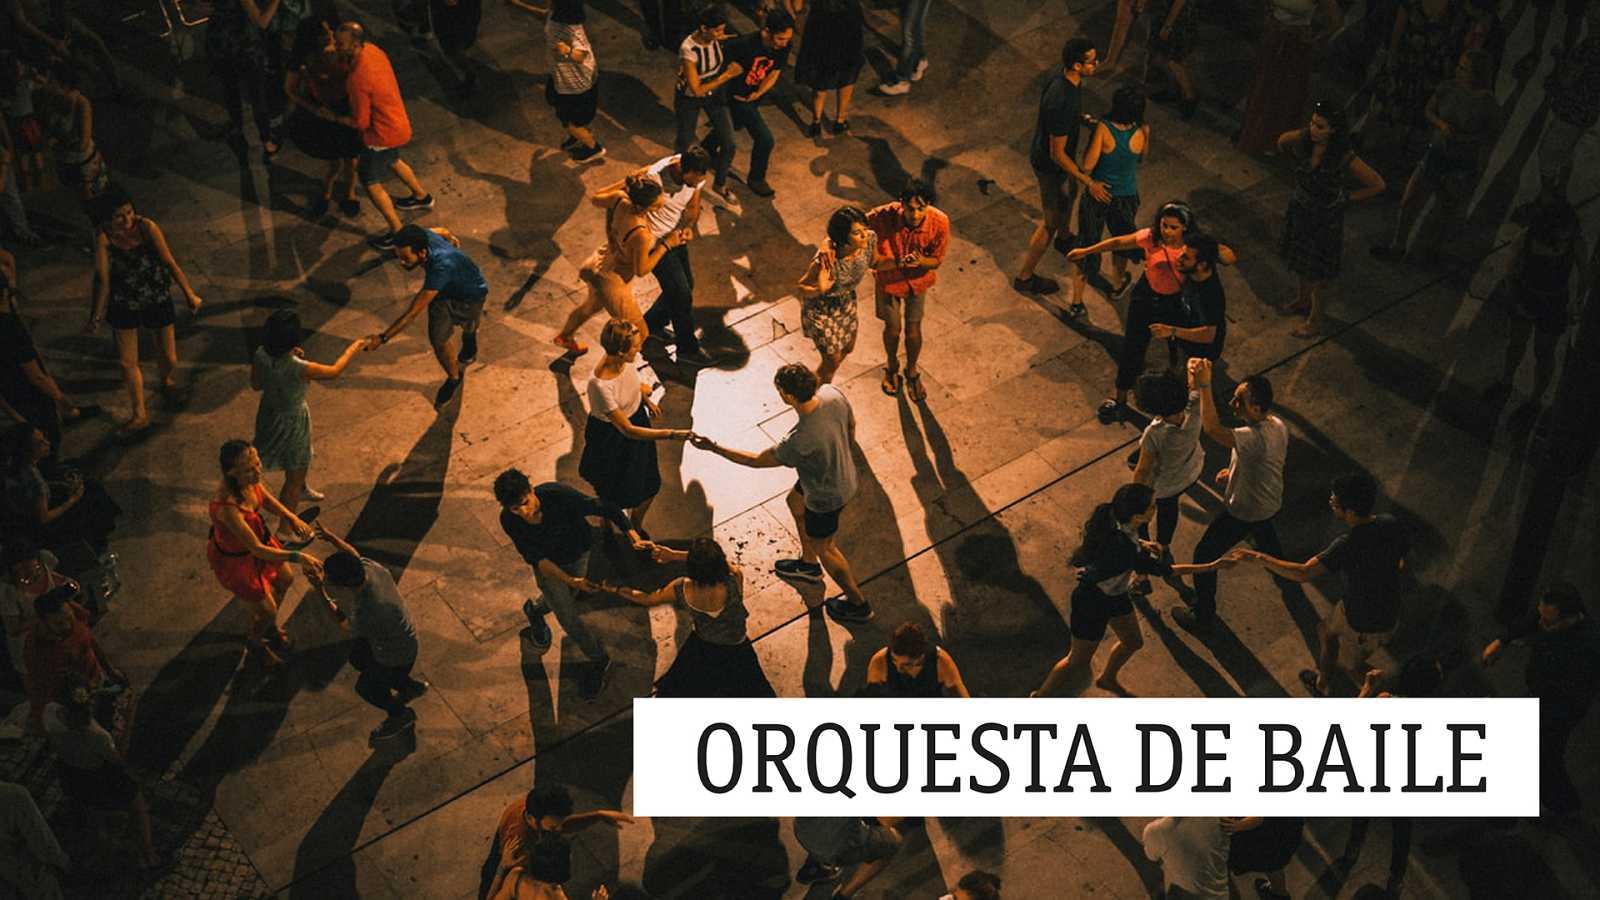 Orquesta de baile - Orquesta Syd Lawrence. Tributo a Glenn Miller - 29/04/21 - escuchar ahora